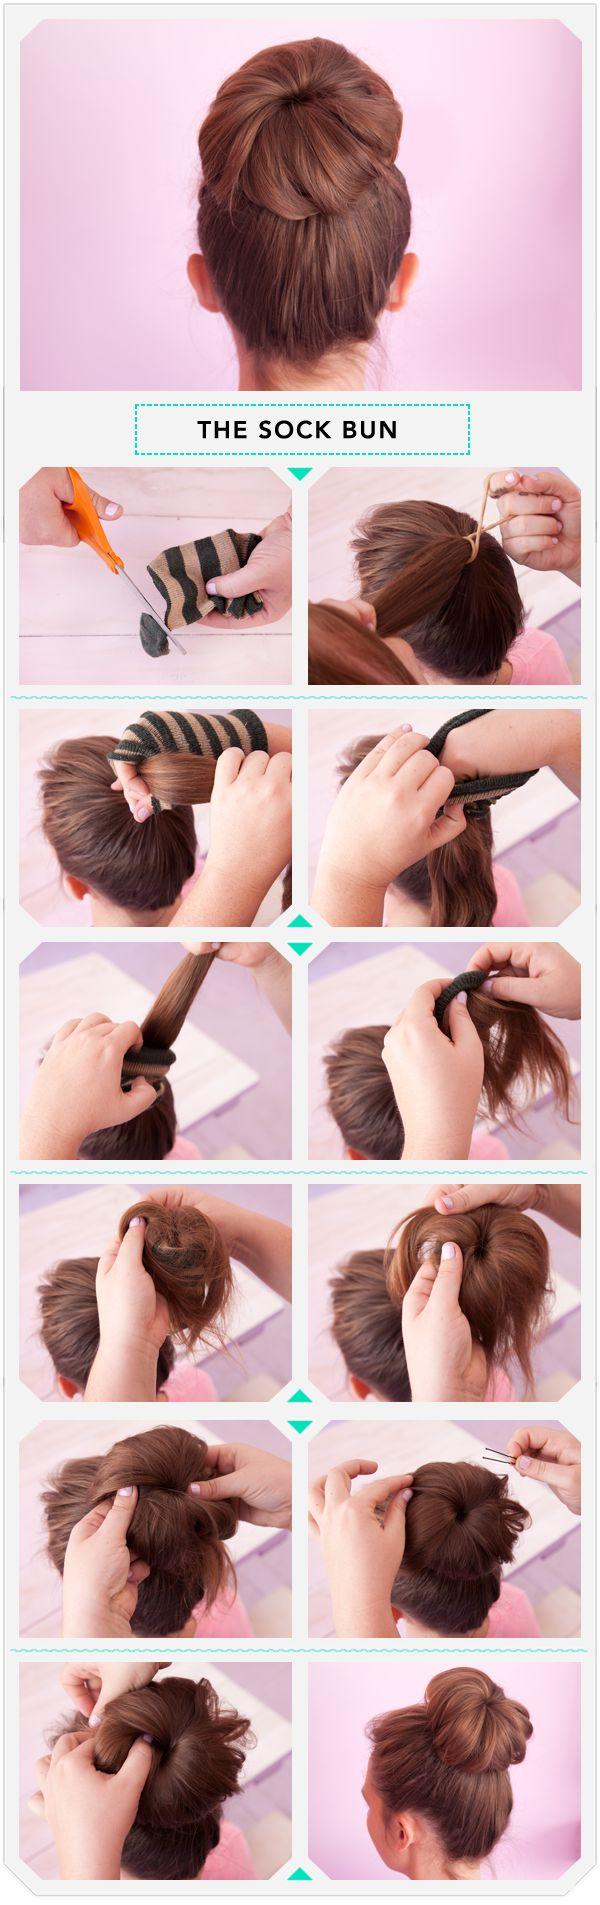 تسريحات بإأكسسوارات الشعر ..~تسريحات للبنوتات كيوت ...~تسريحات راقيه